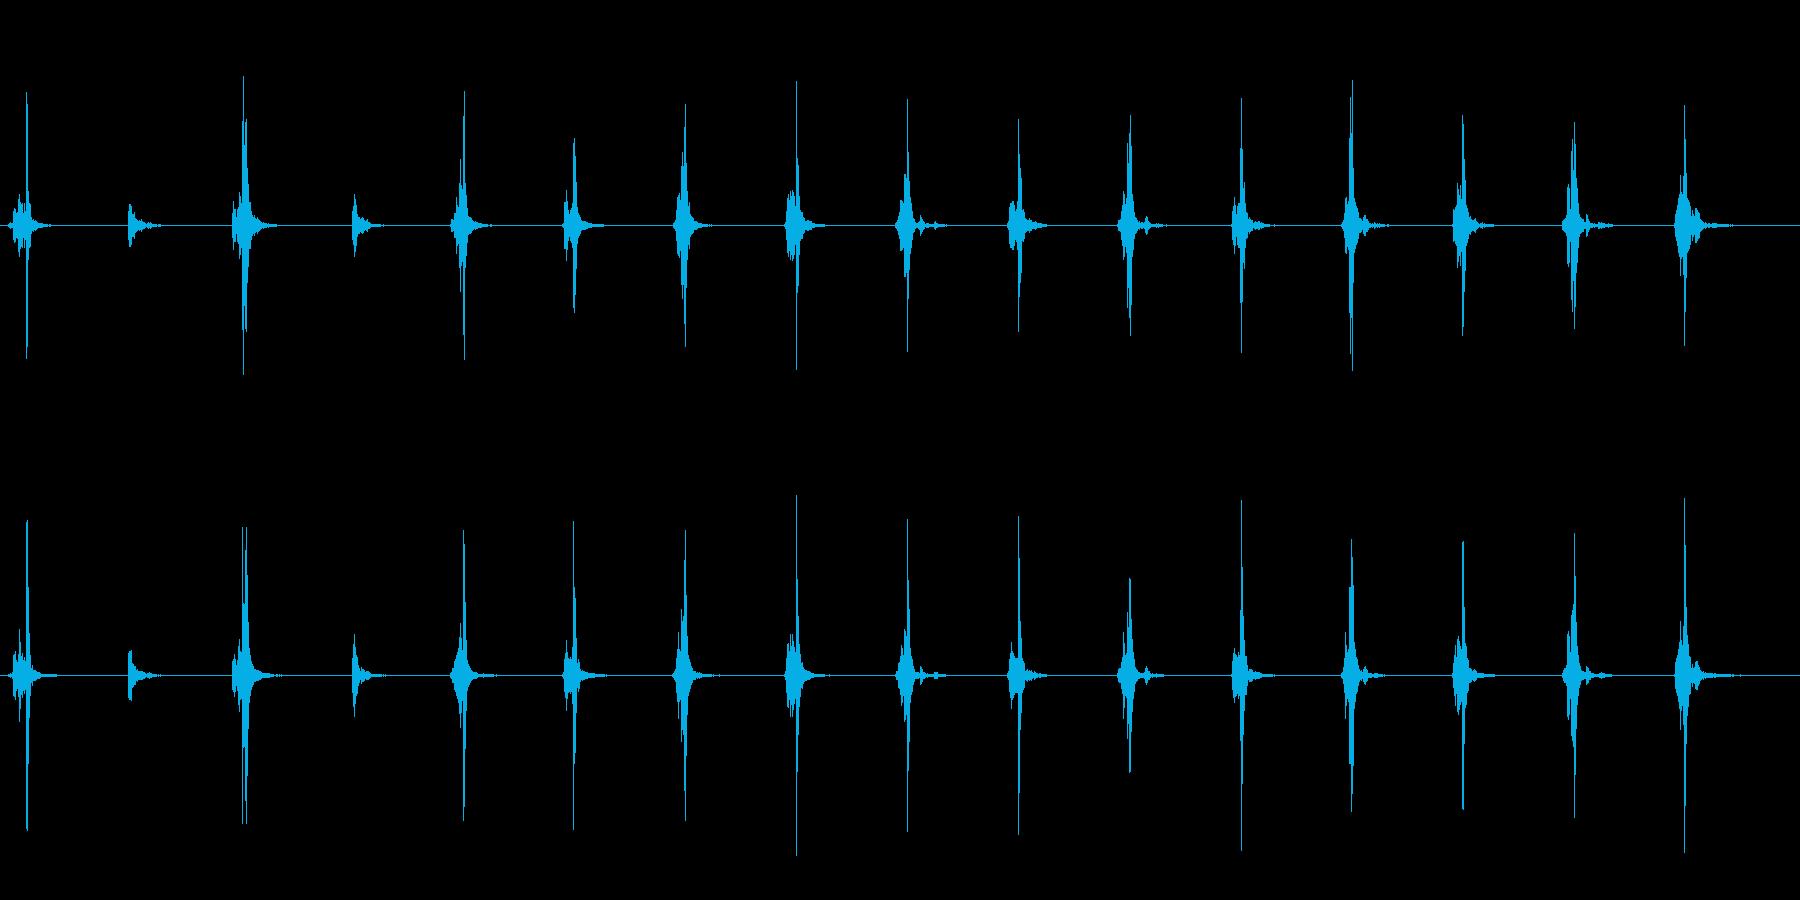 シンプルなタイマー音の再生済みの波形